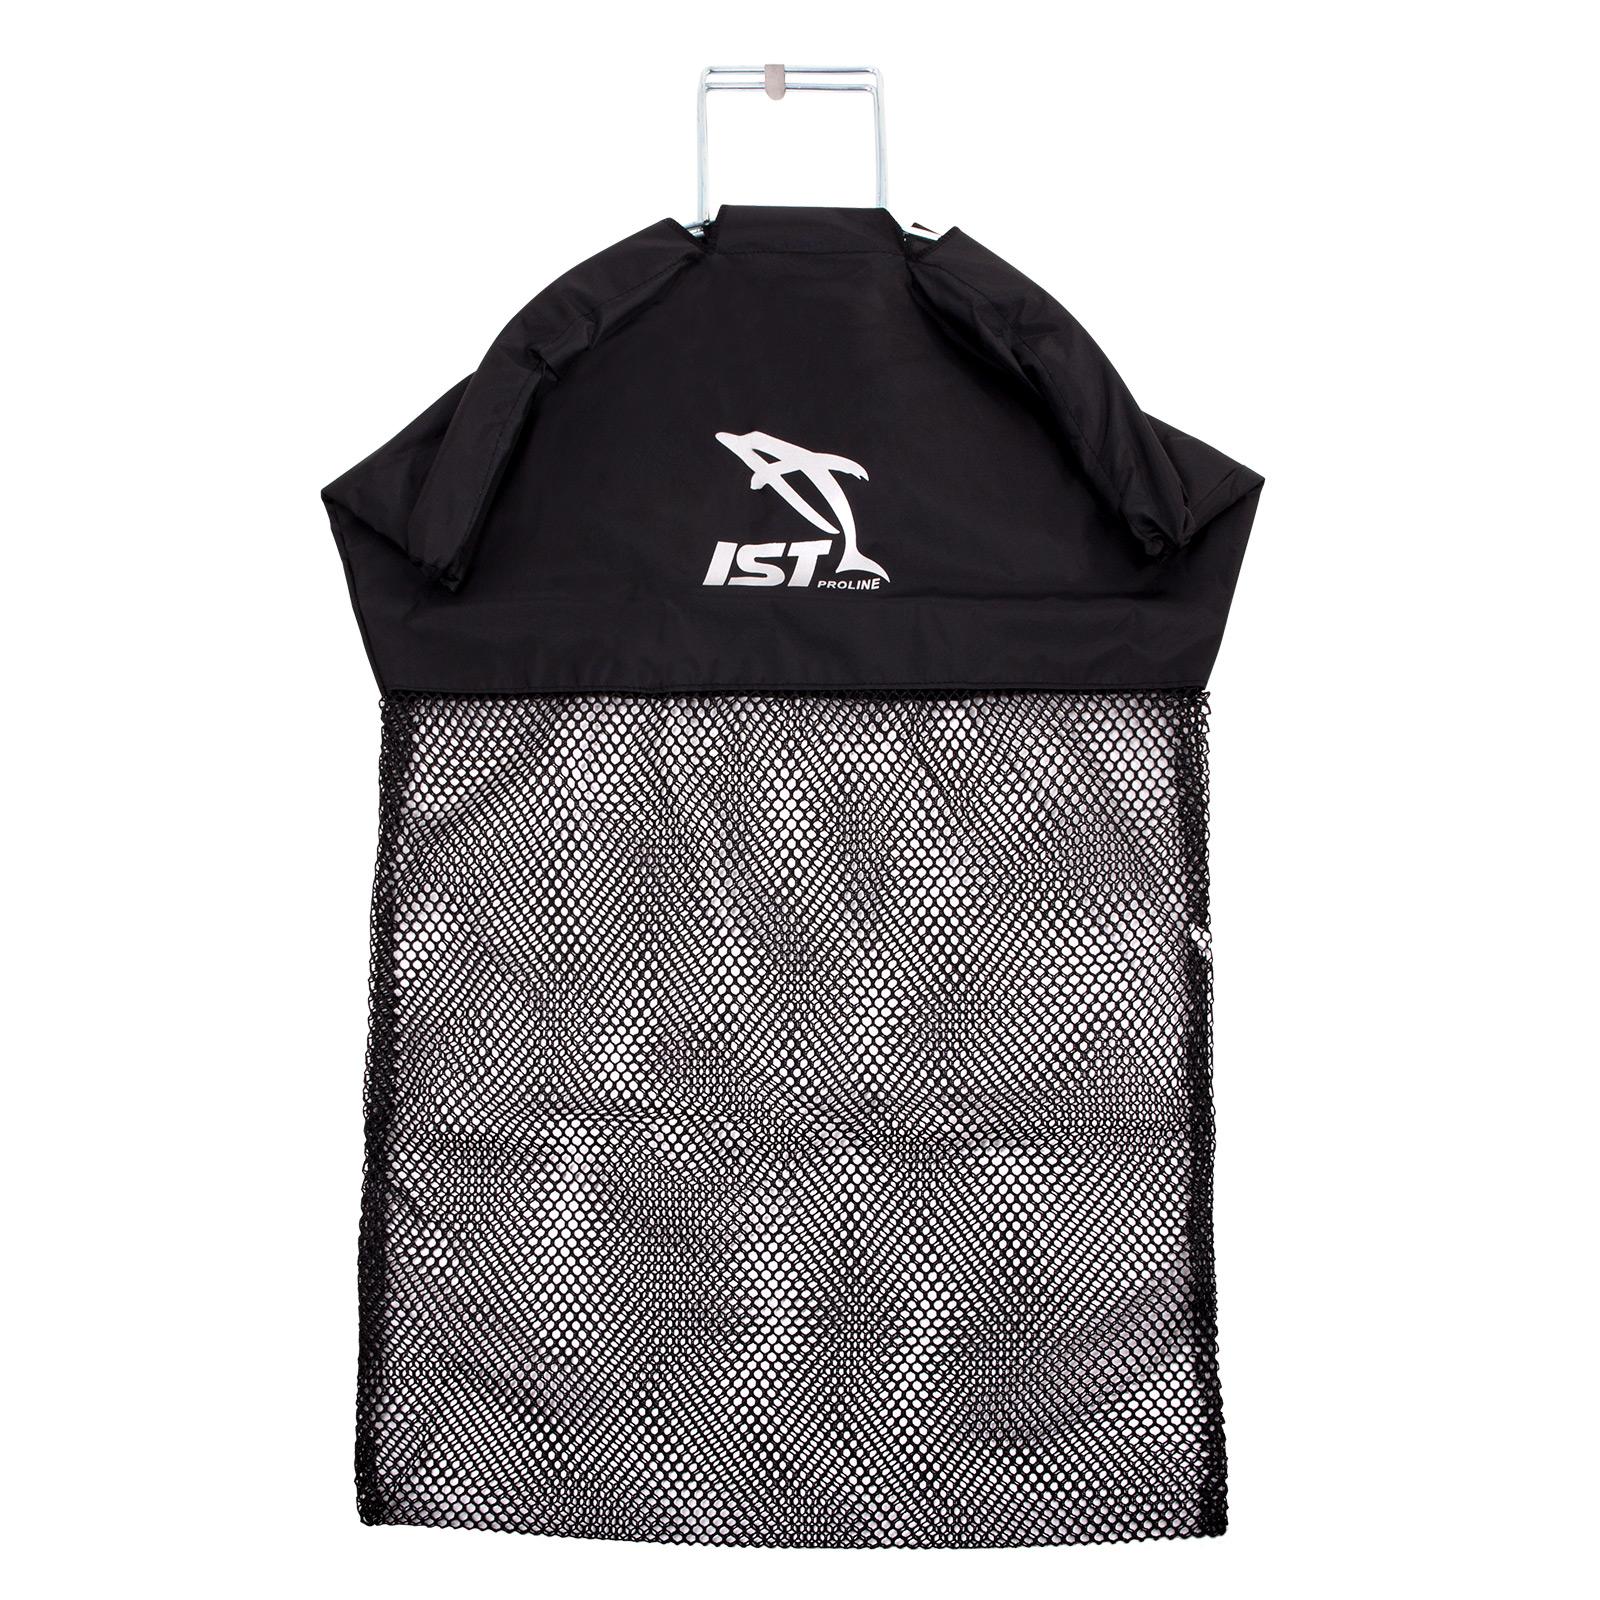 Mesh Bag with Handle